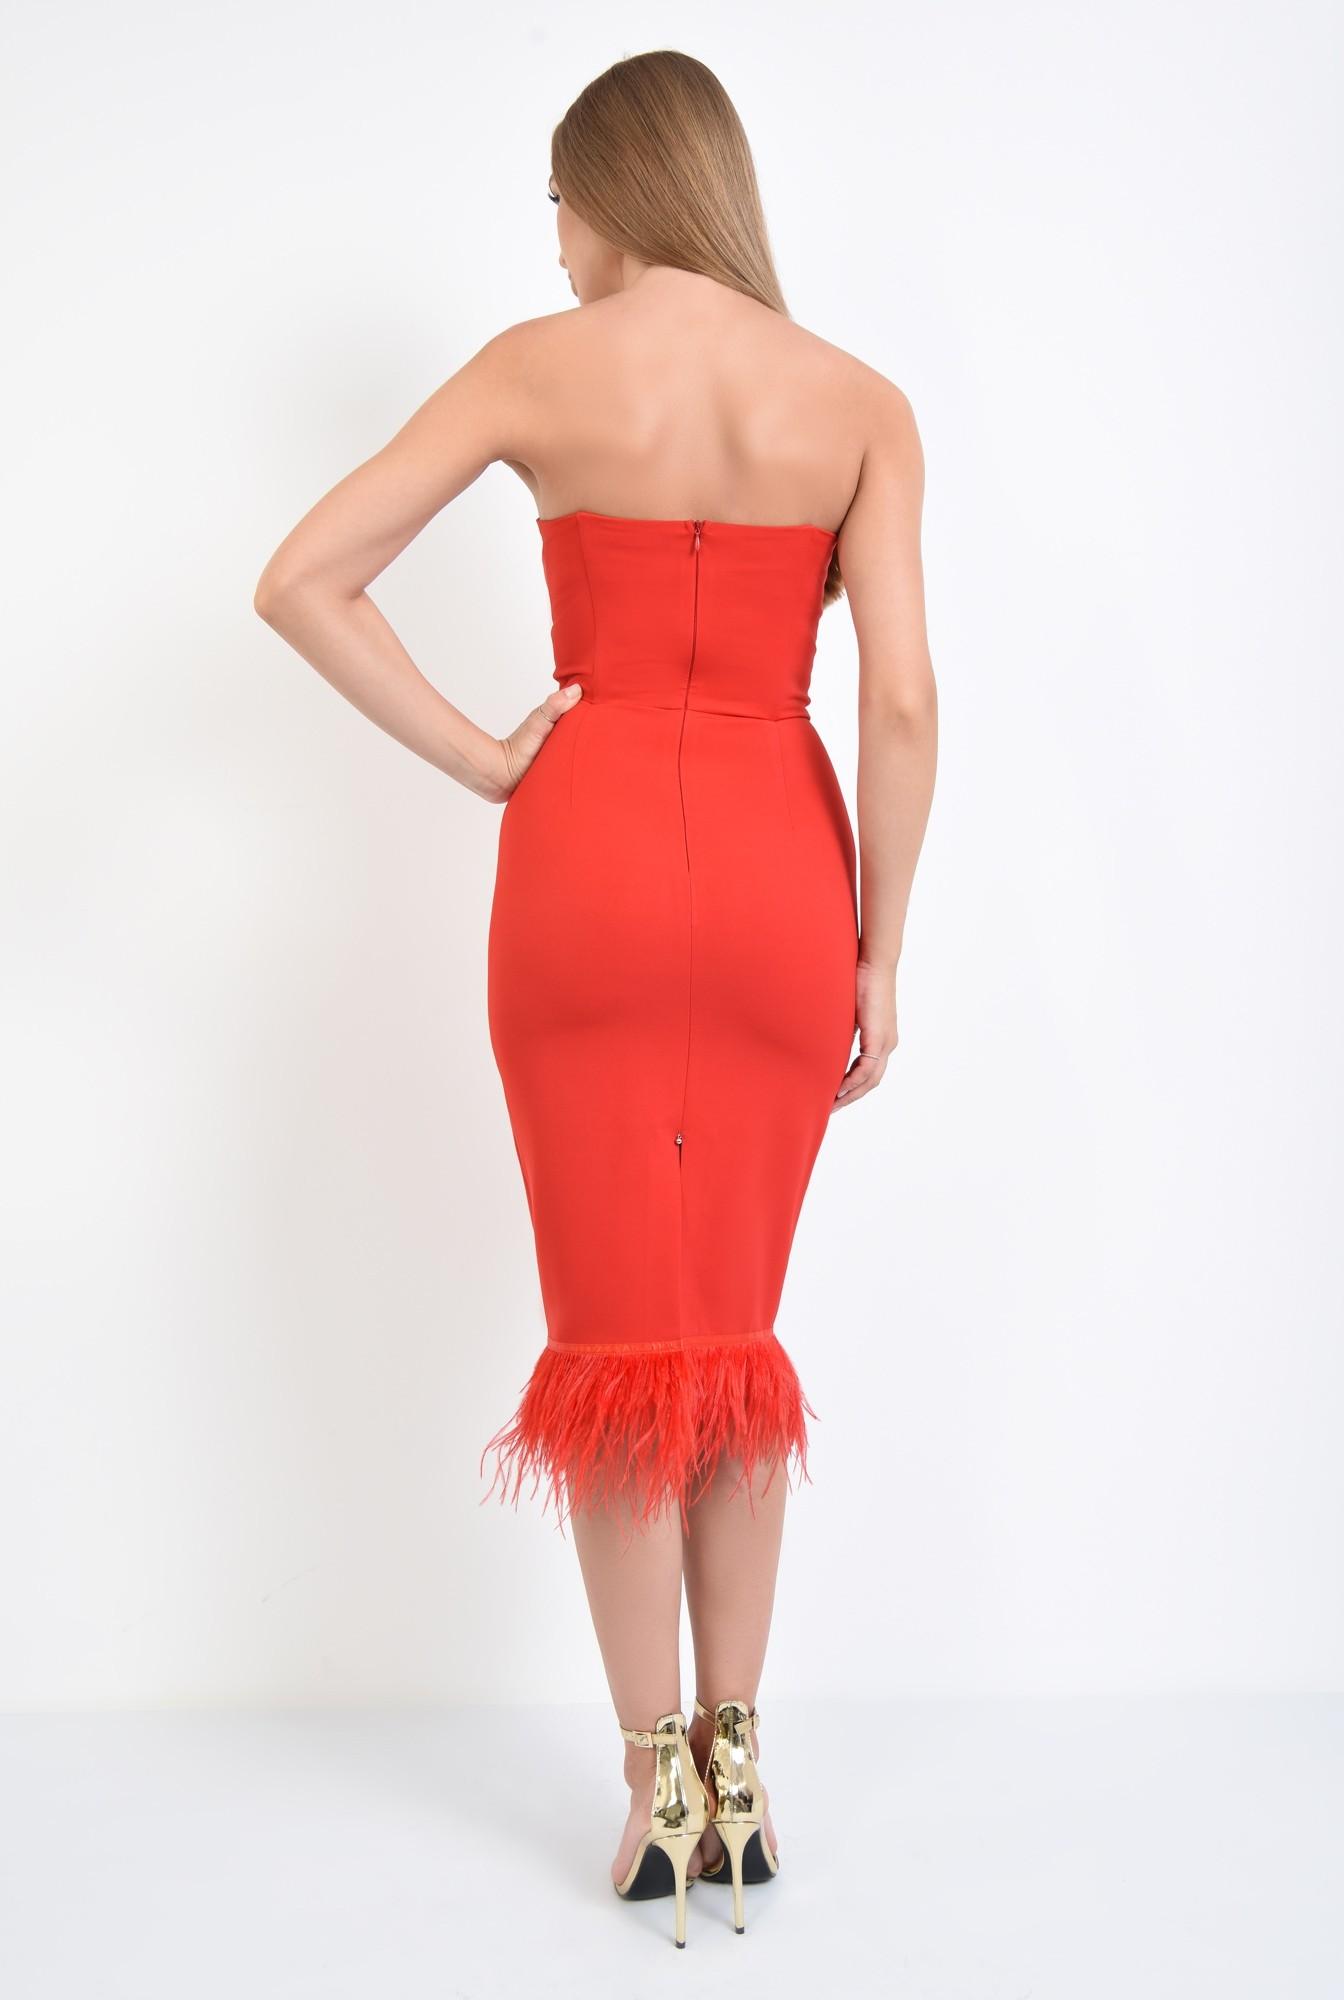 1 - rochie eleganta, rosu, corset